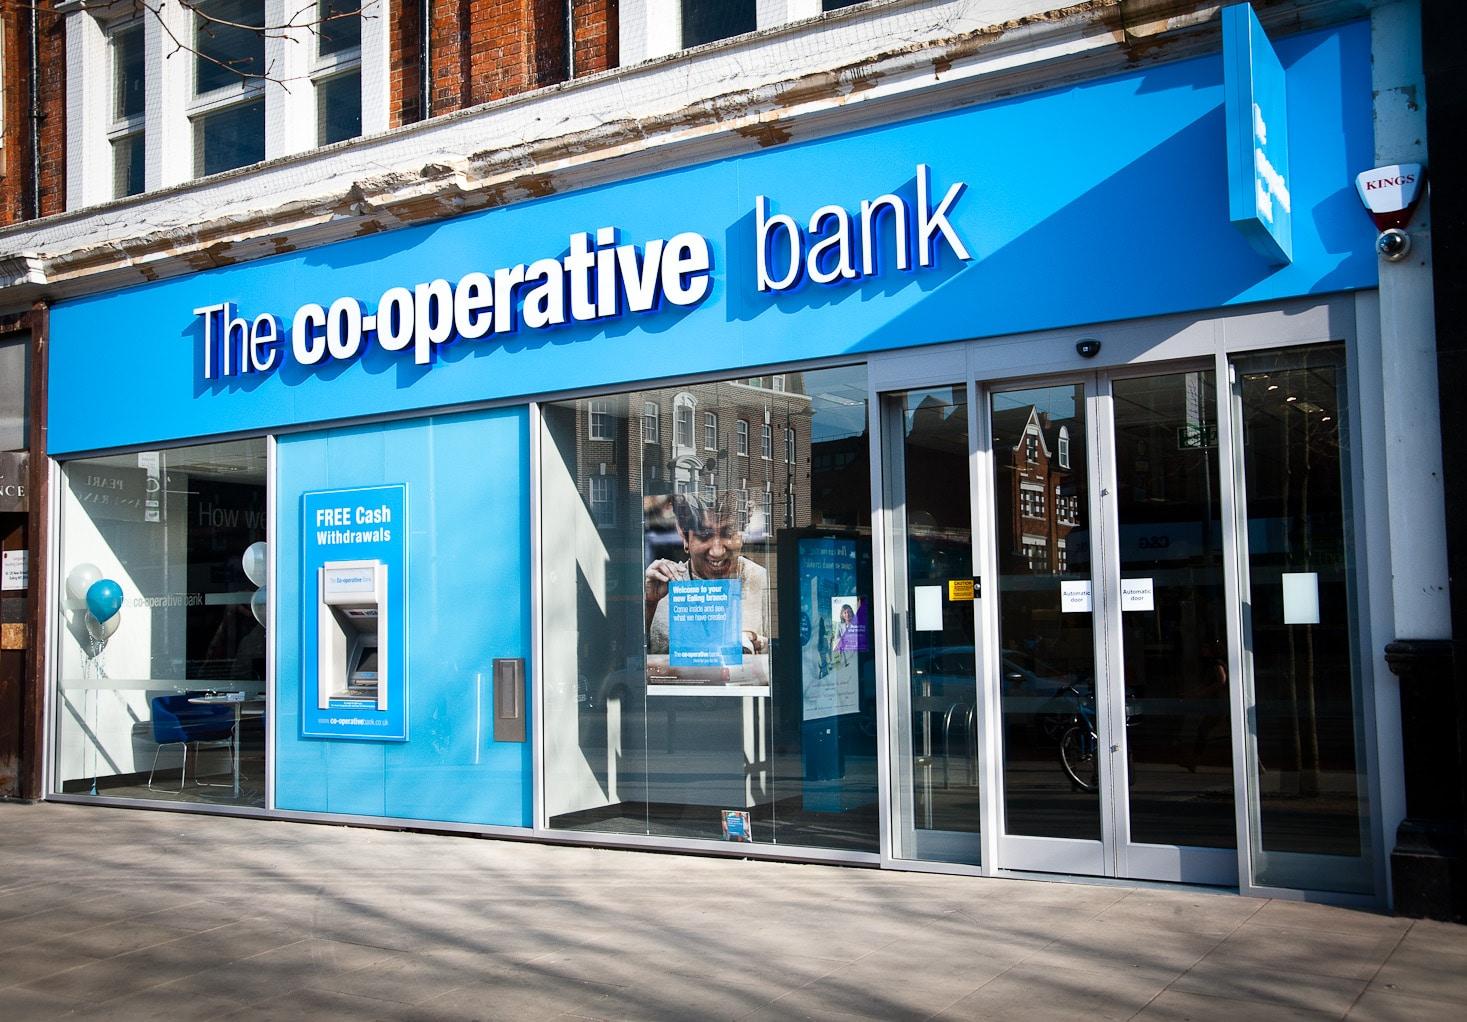 Thiết kế biển hiệu ngân hàng chuyên nghiệp